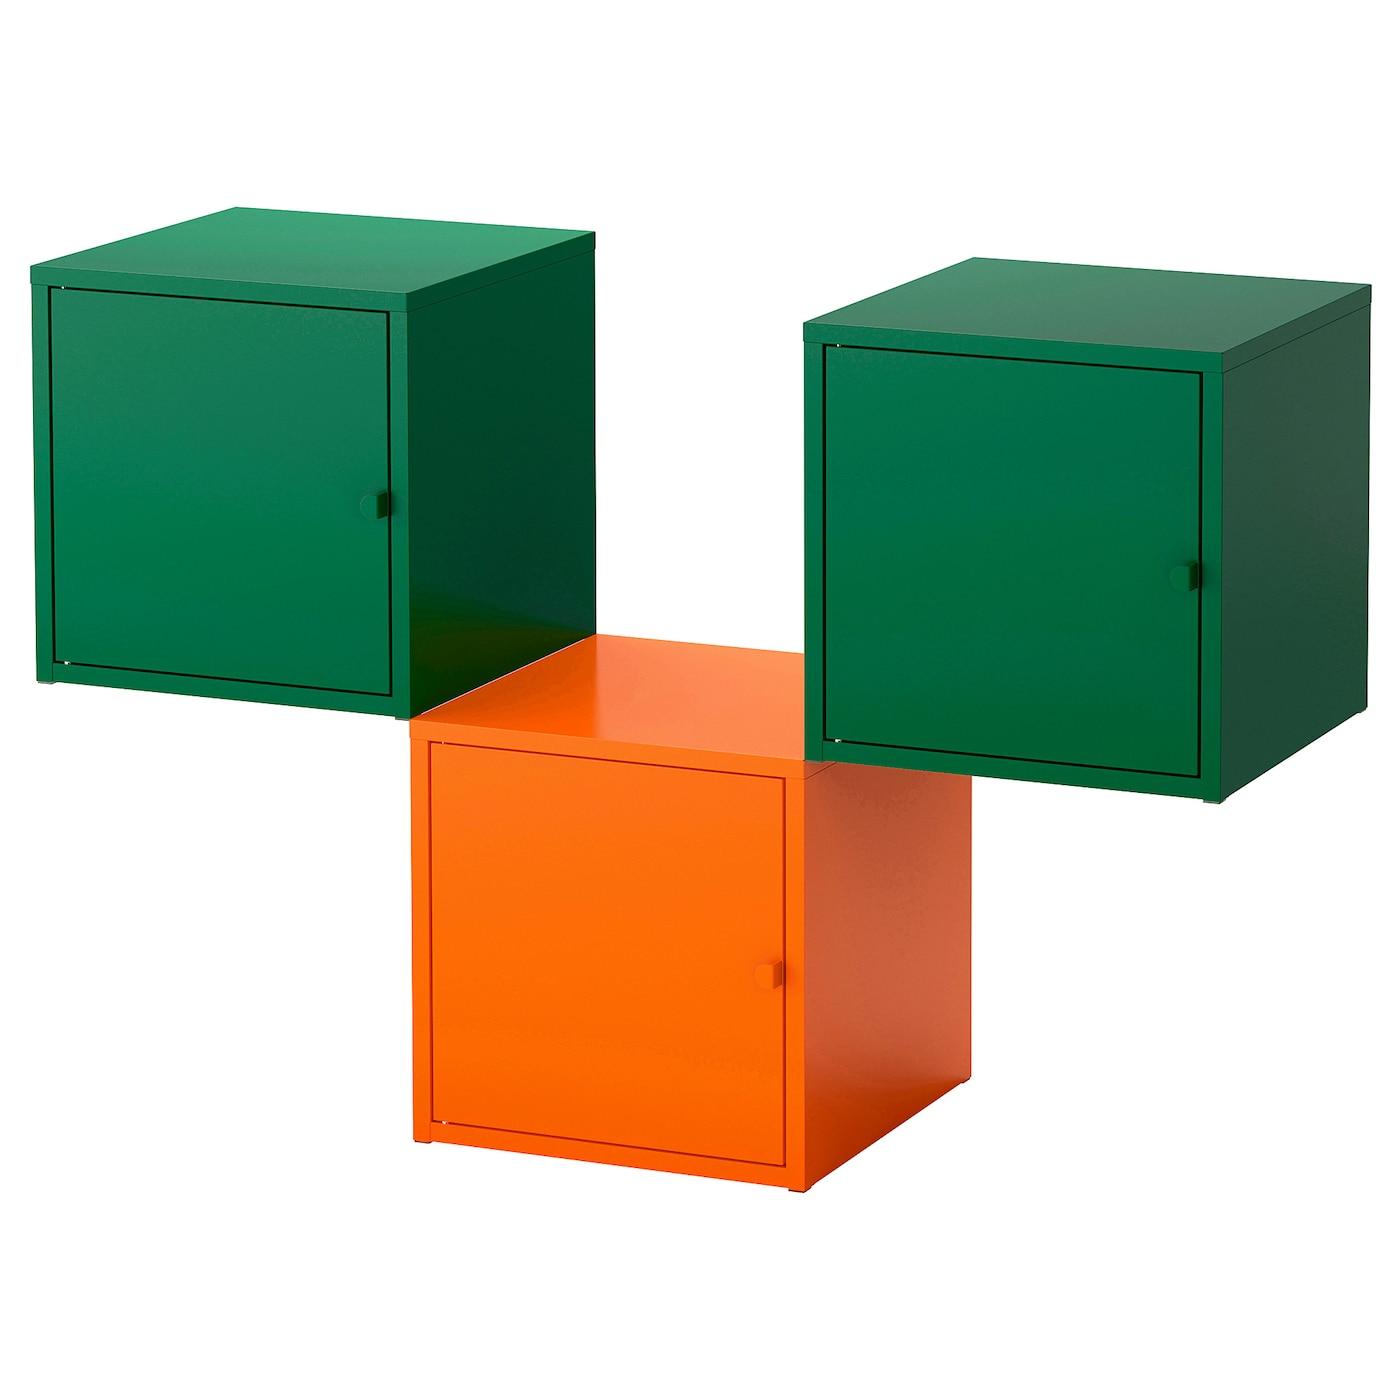 LIXHULT, Aufbewahrungskombi, orange 792.486.68